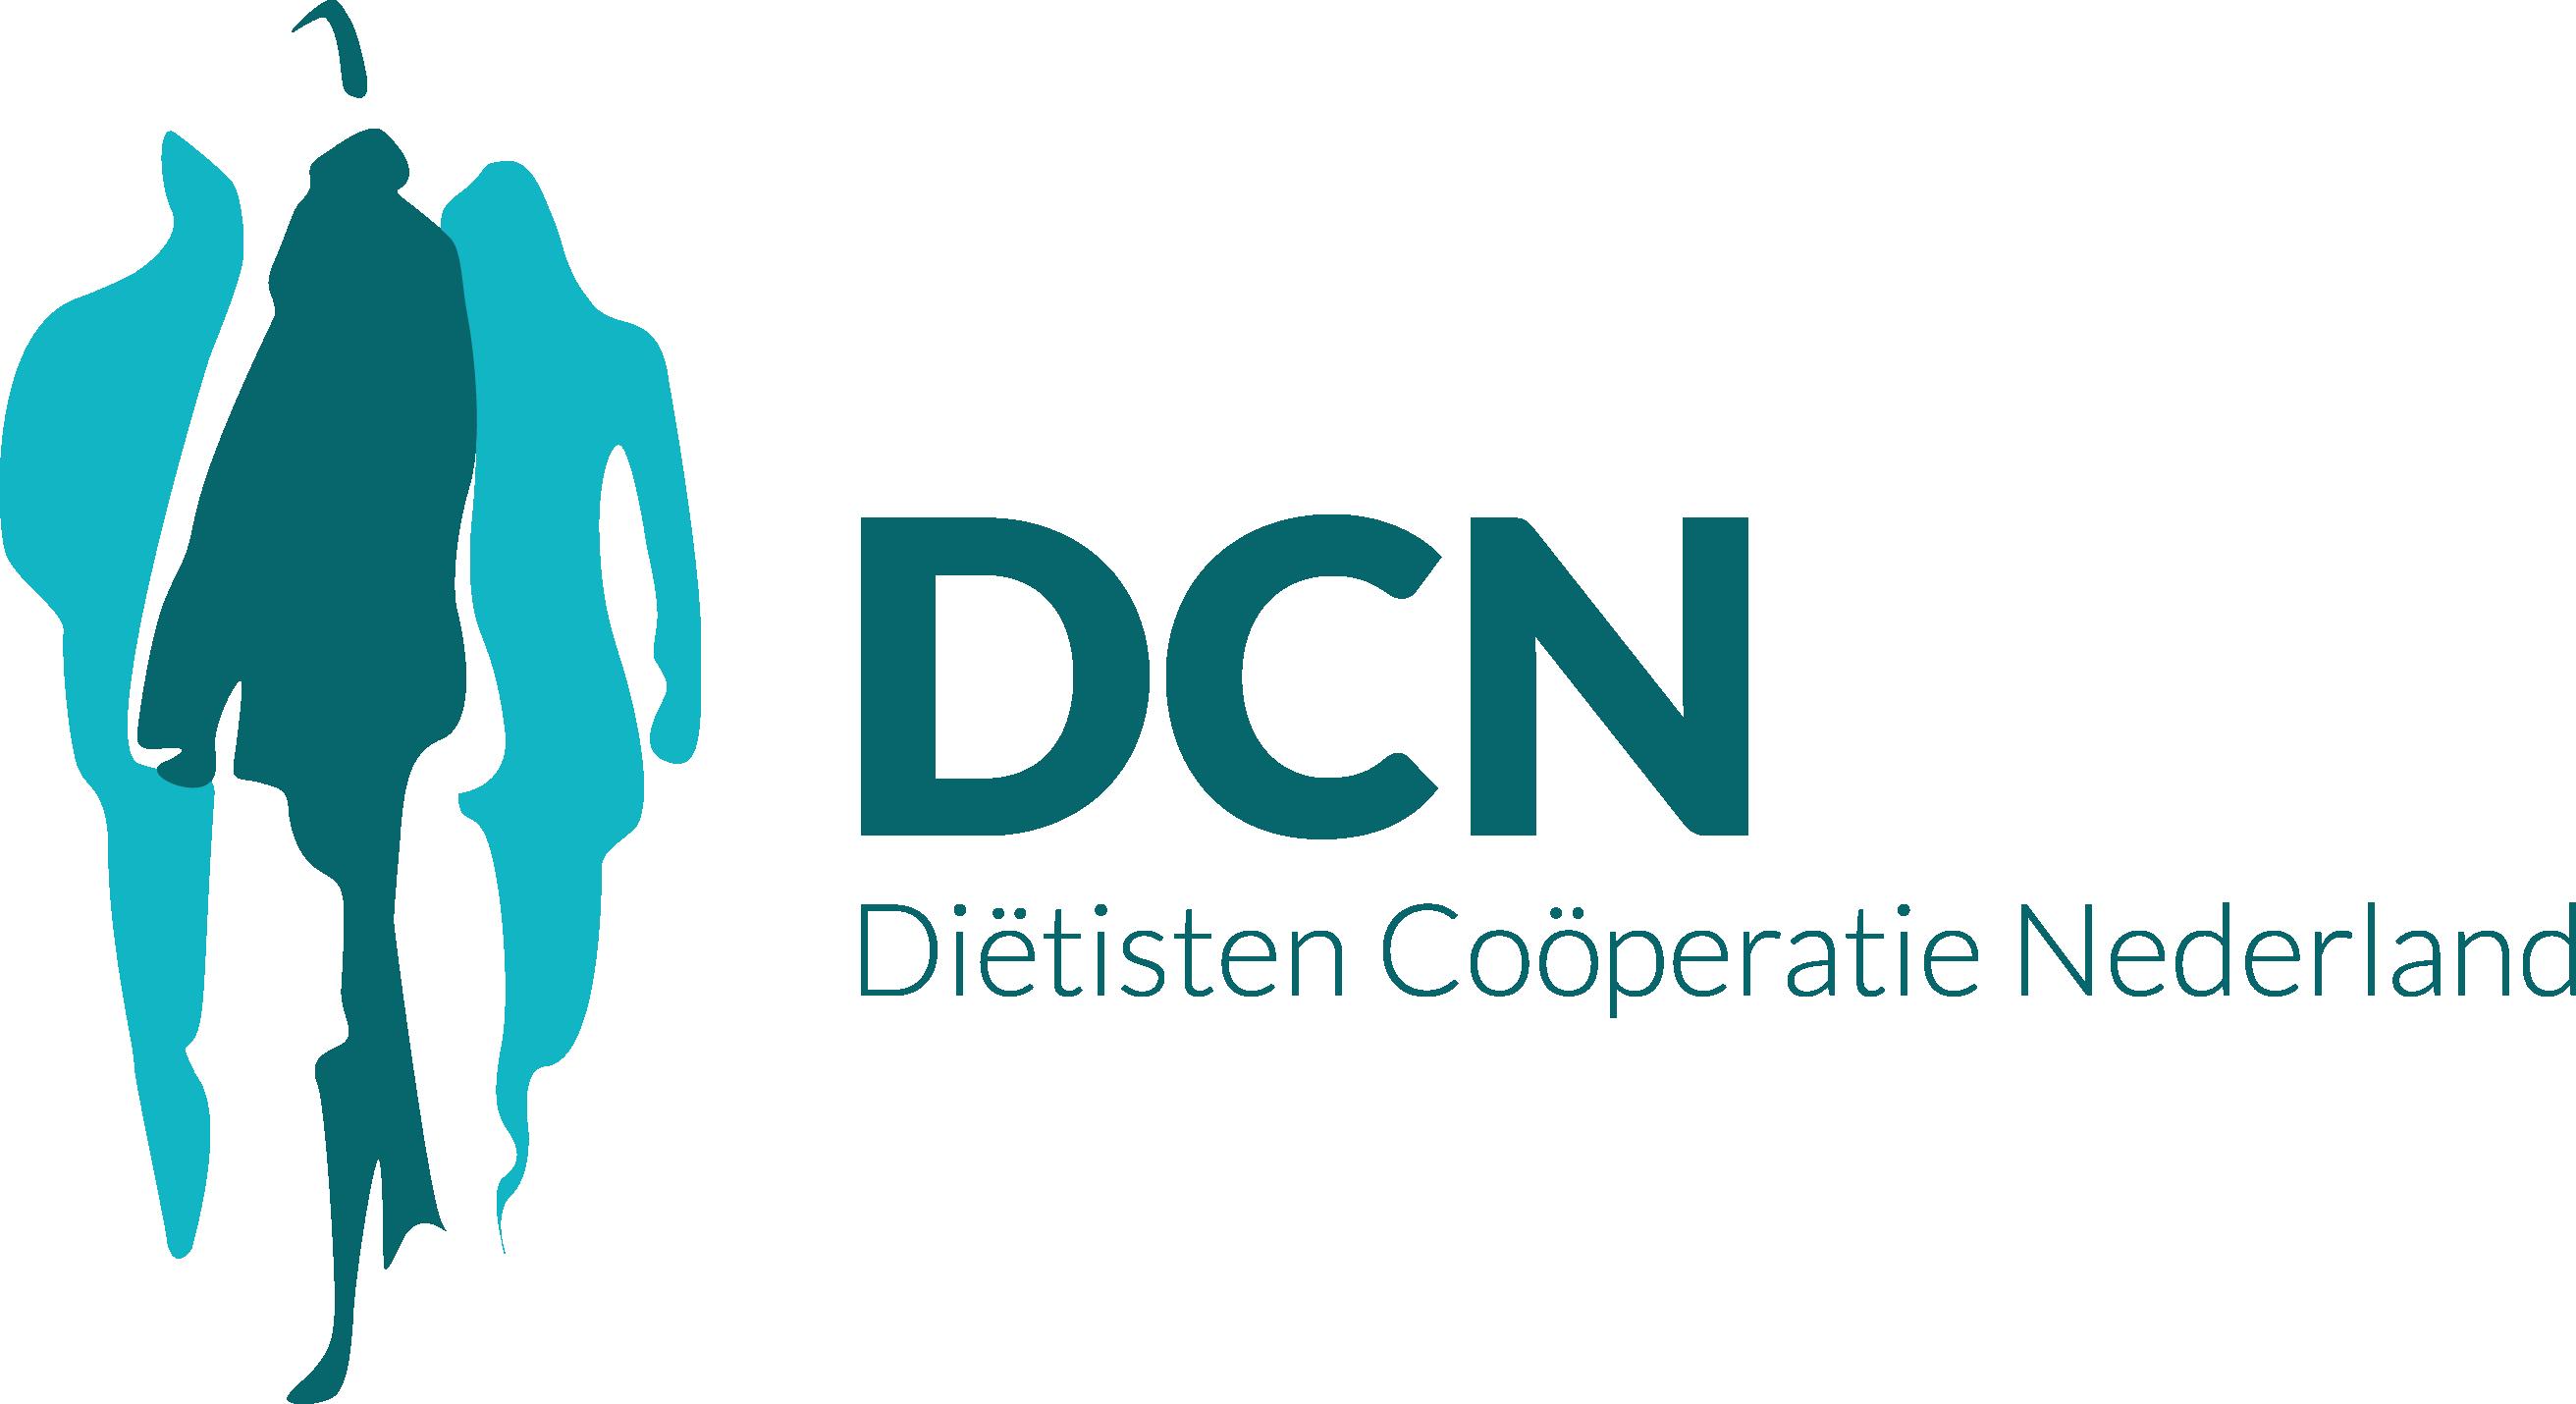 Diëtist, DCN, Voedingsdeskundige, Beroepsvereniging, Diëtisten Coörporatie Nederland